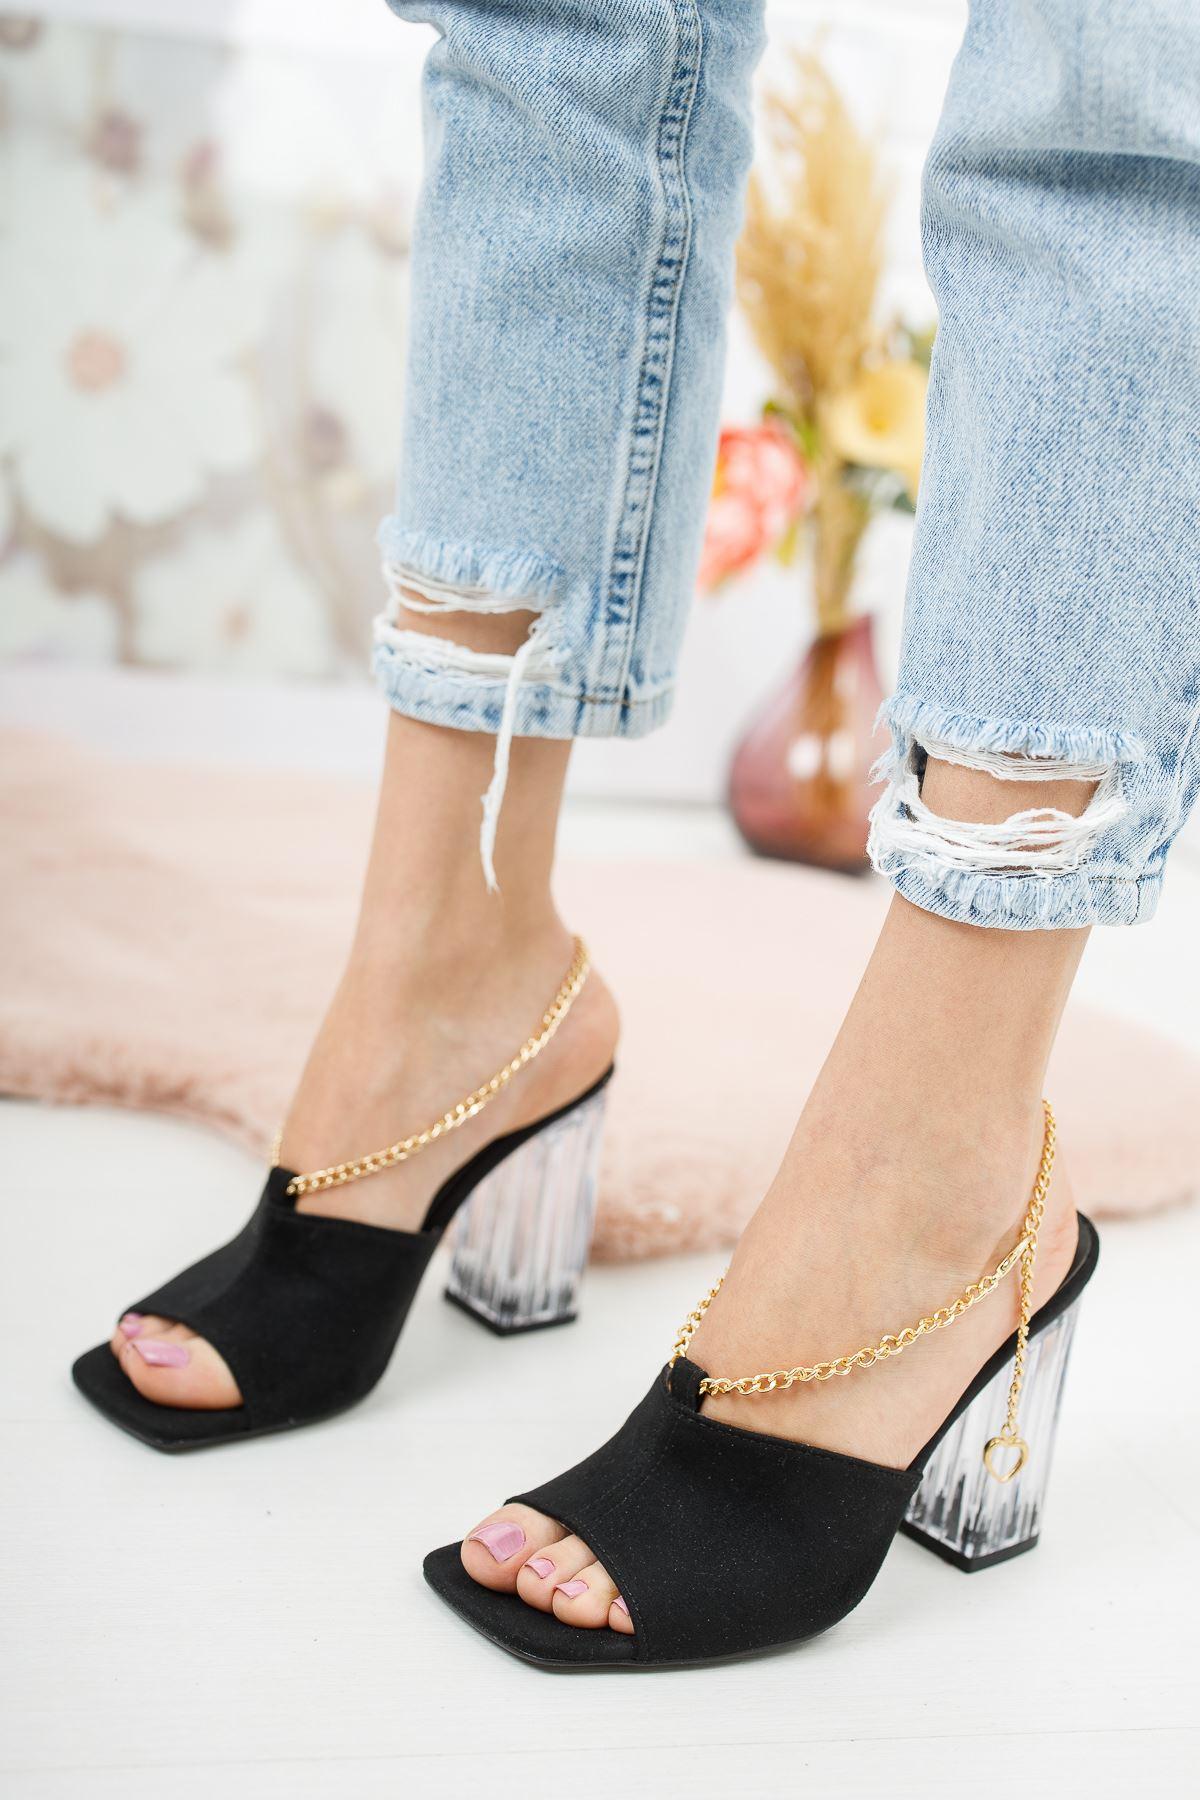 Clevna Siyah Süet Zincir Detaylı Kadın Topuklu Ayakkabı